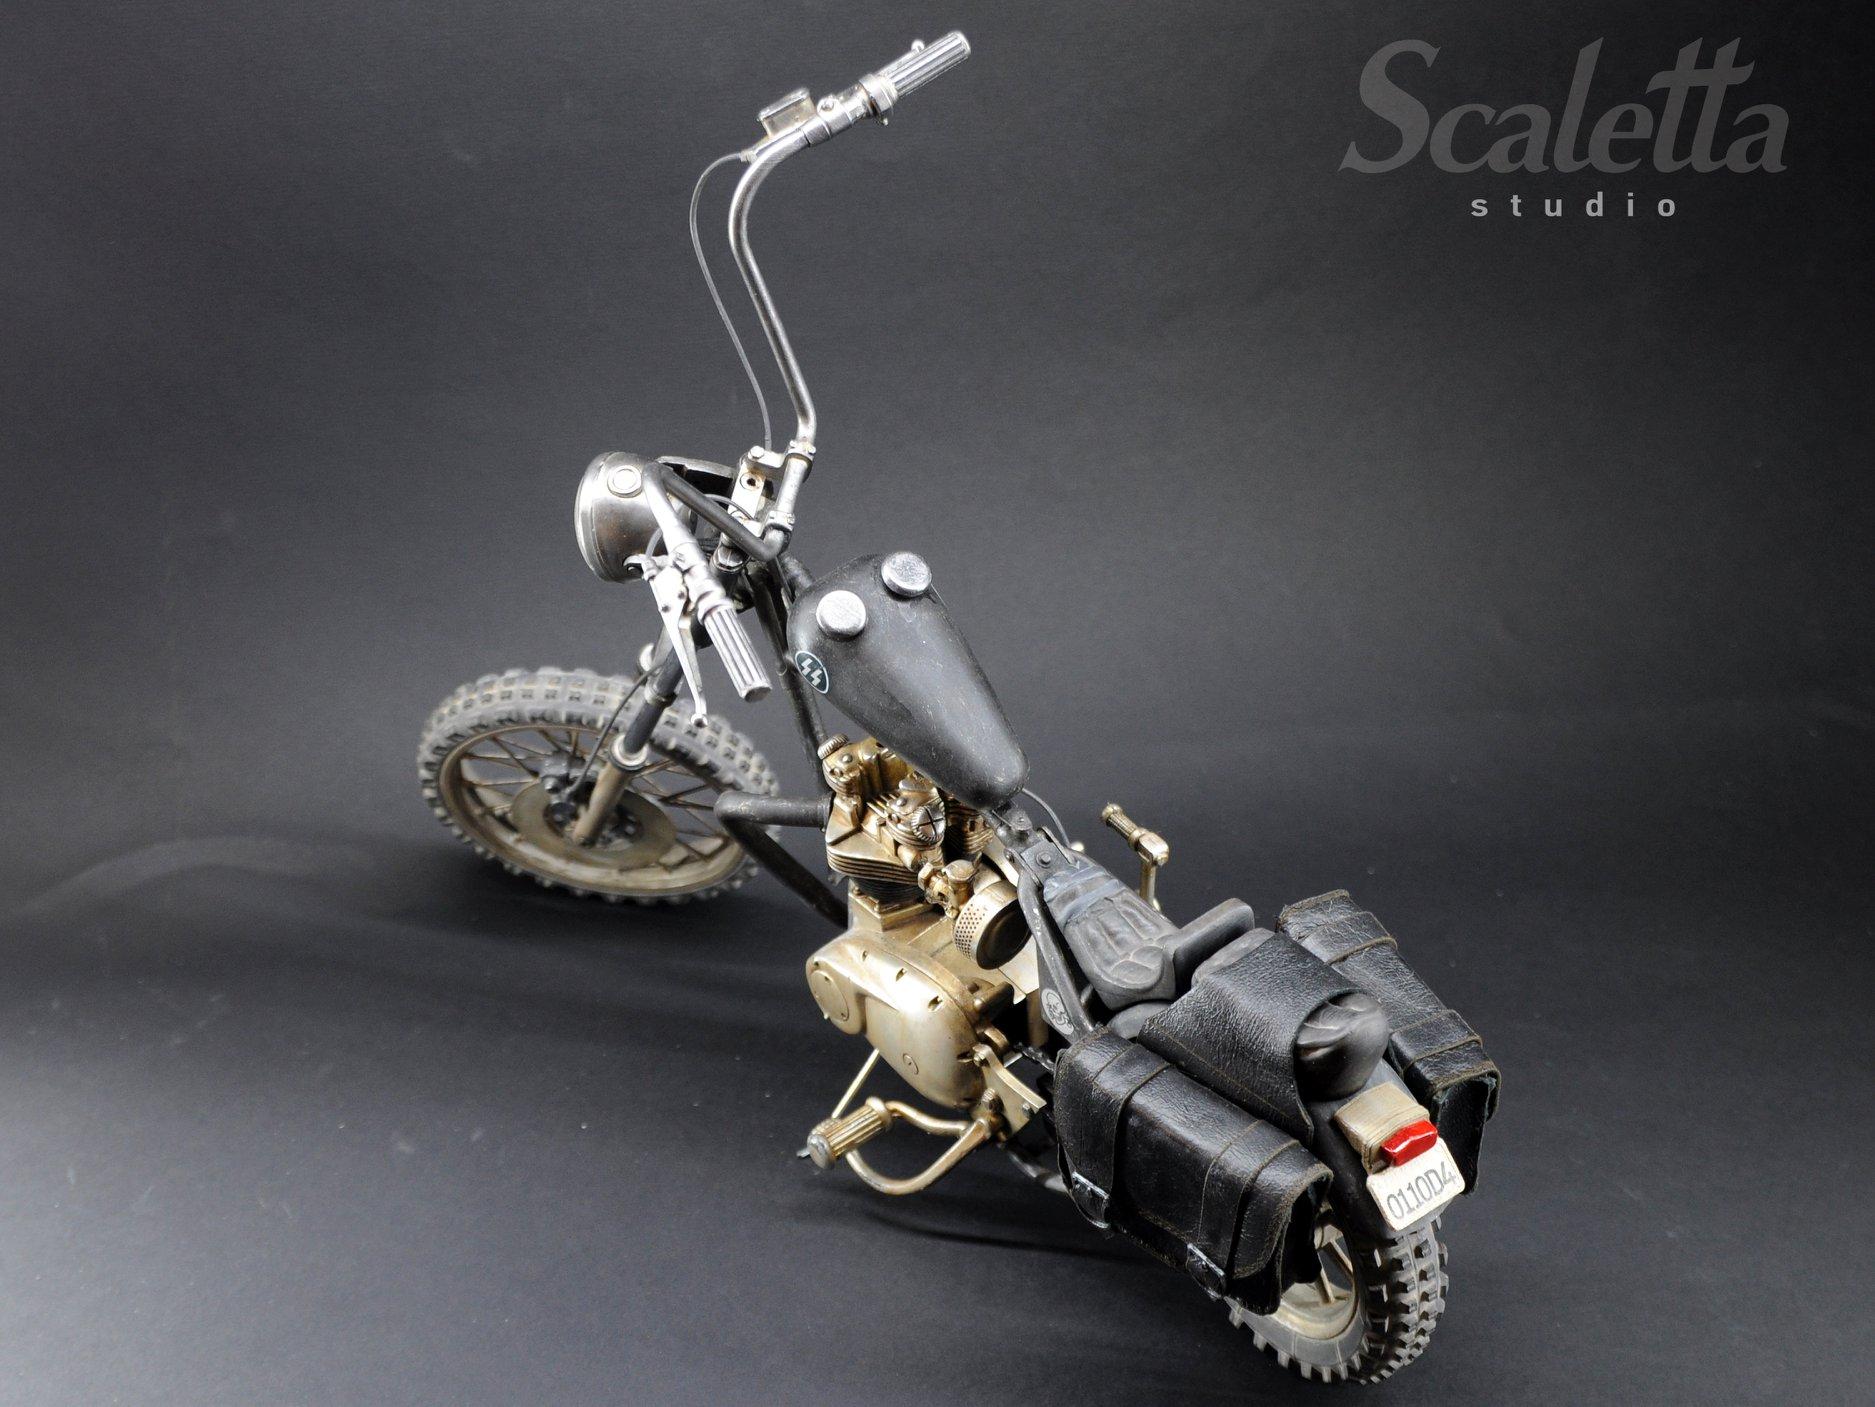 sca-bike07